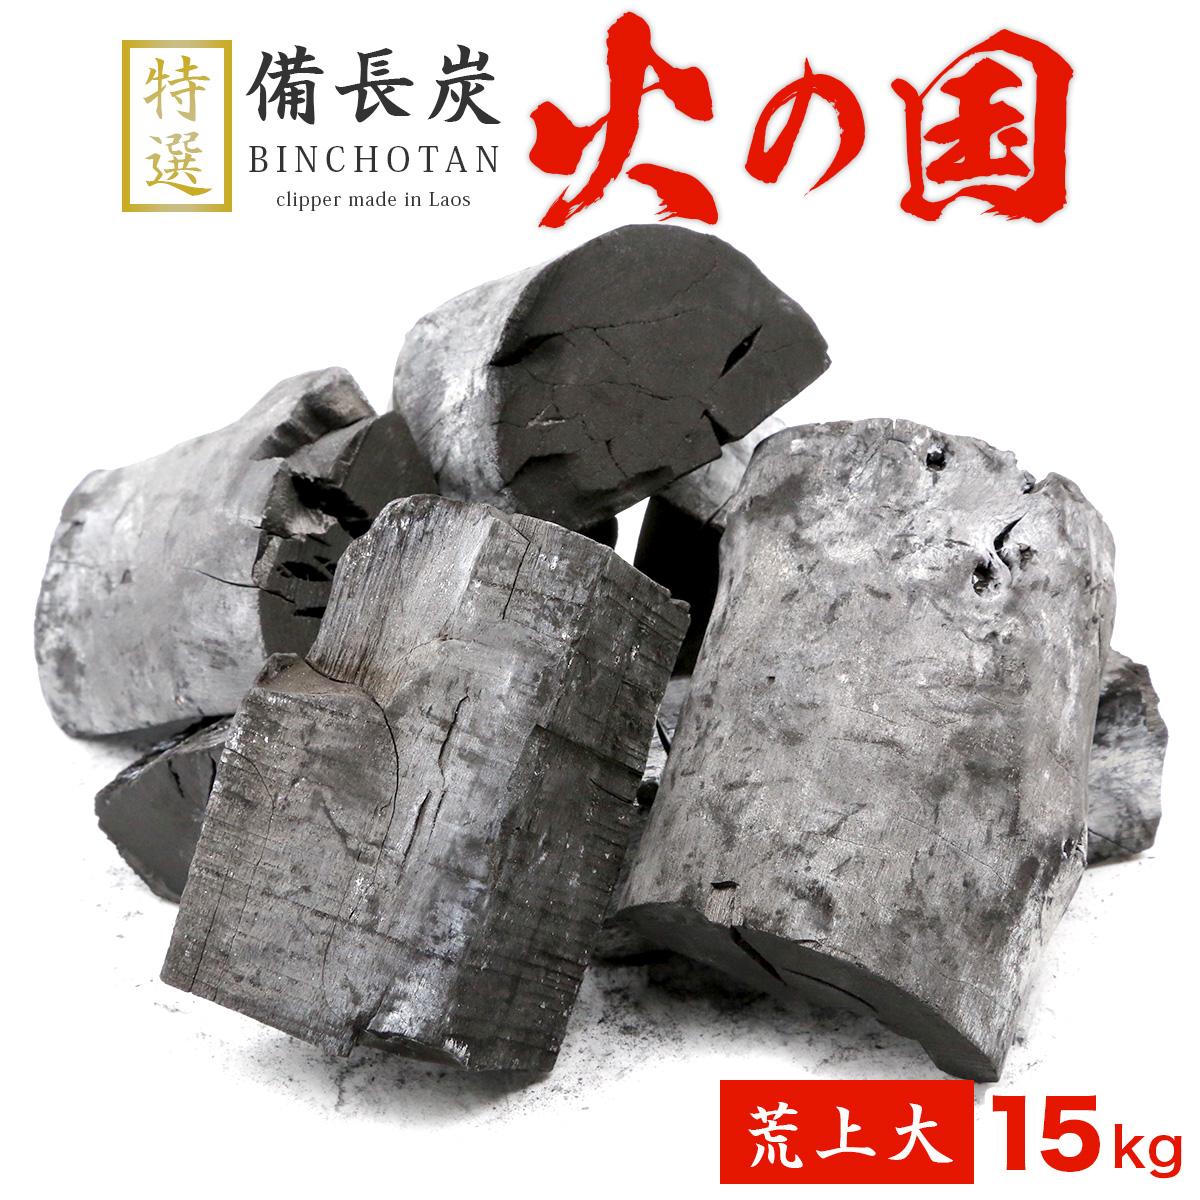 火の国備長炭(ラオス産) 荒上大 15kg 長さ 4〜10cm / 直径 4〜8cm Sサイズ(焼き鳥)